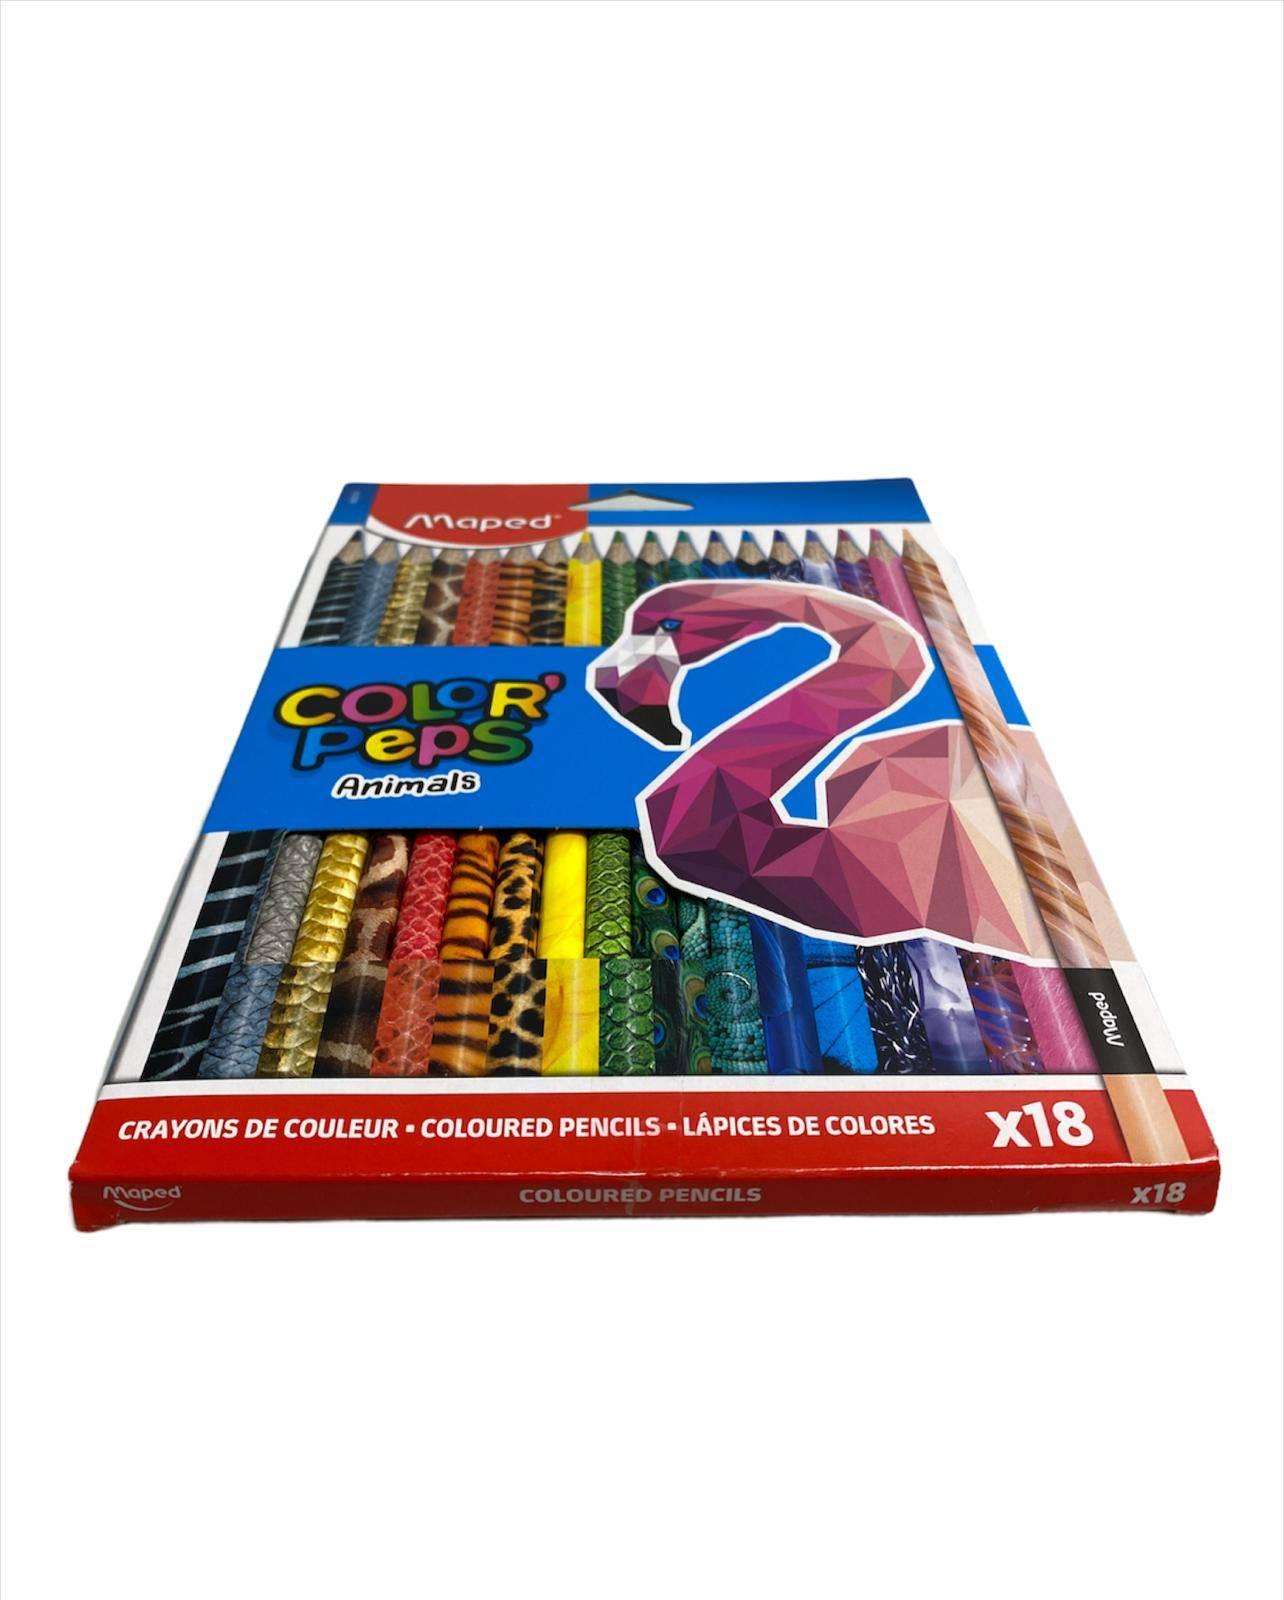 MAPED bojice Color Peps Animals 18 kom